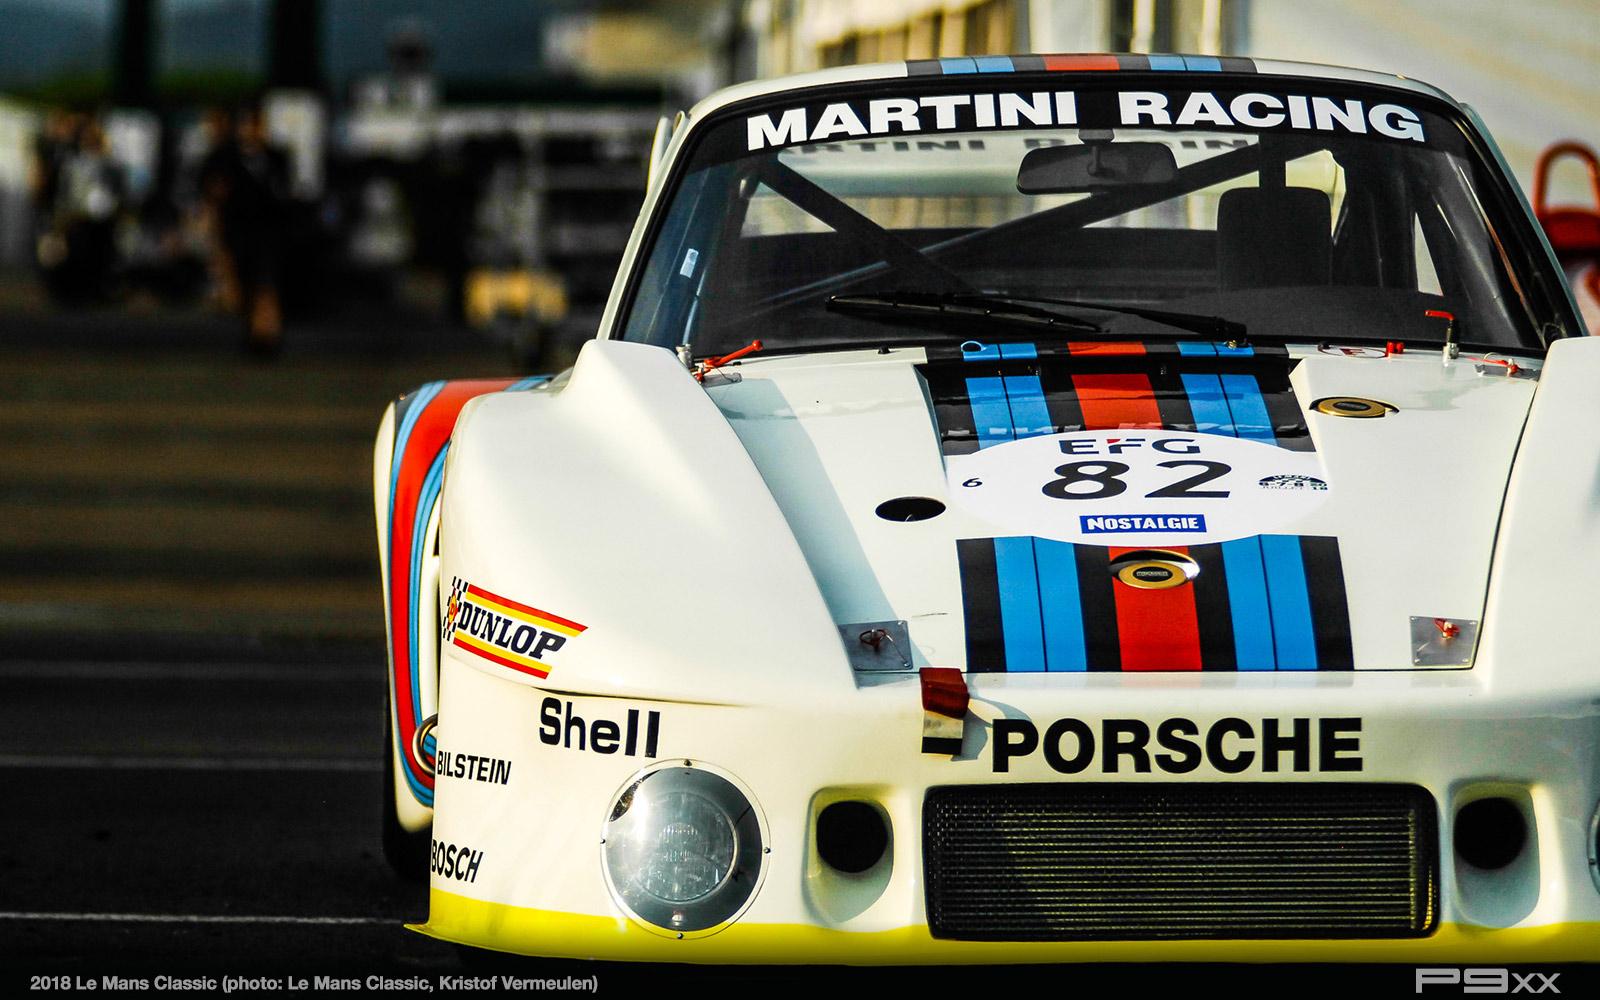 2018-Le-Mans-Classic-Porsche-334